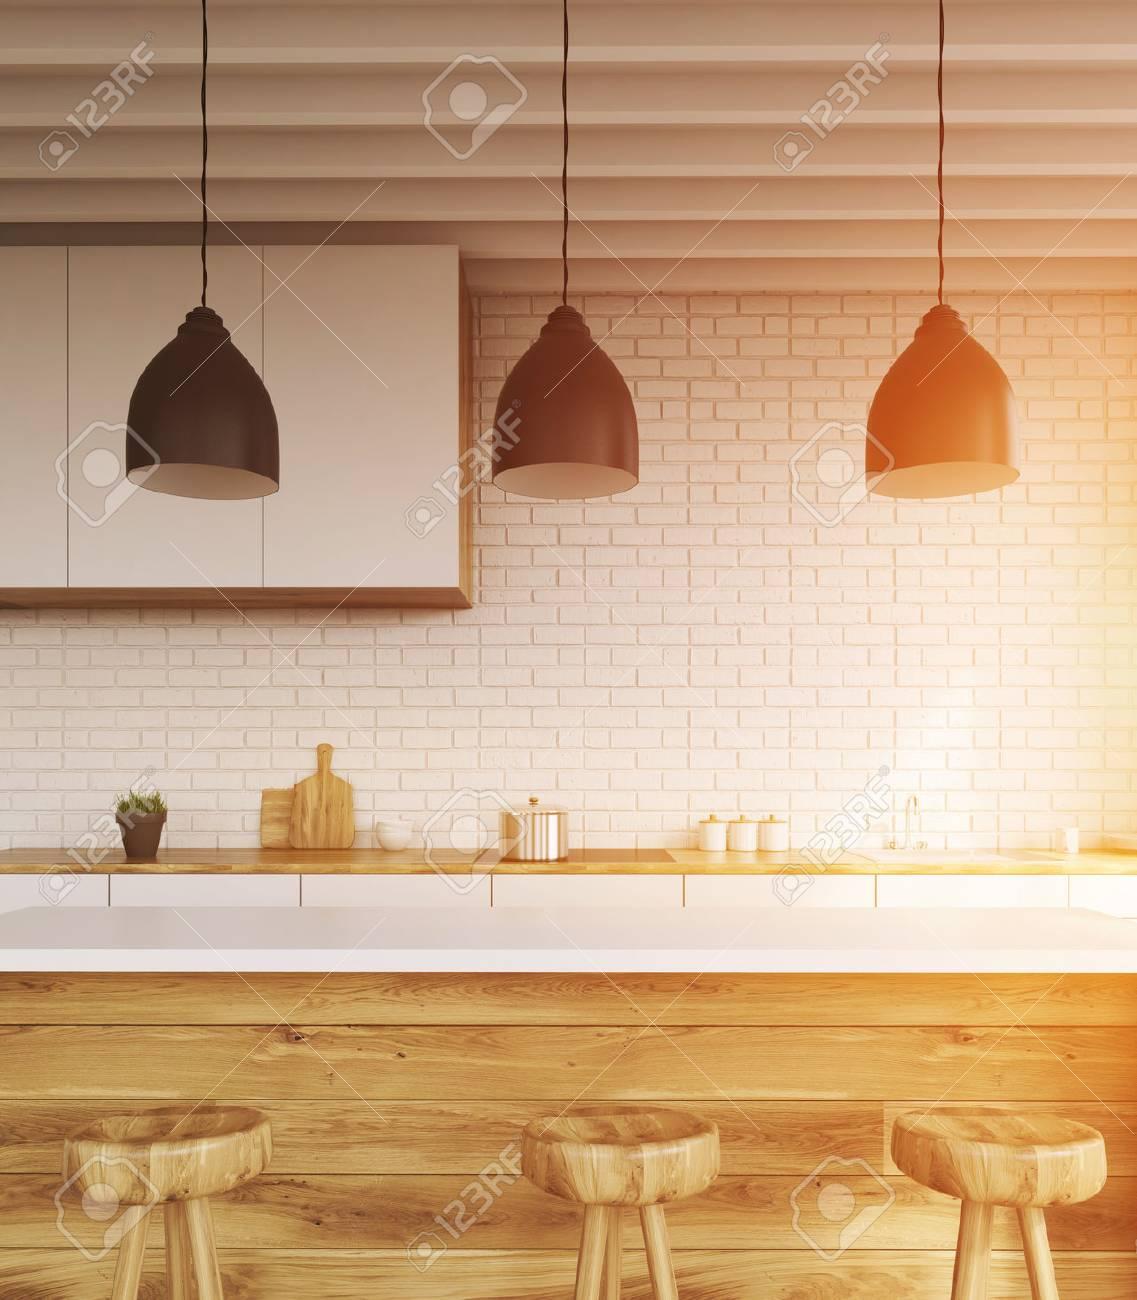 Full Size of Küche Wellmann Läufer Weiß Hochglanz Apothekerschrank Raffrollo Glaswand Was Kostet Eine Neue Ikea Kosten Hängeschrank Höhe Schlafzimmer Nischenrückwand Wohnzimmer Küche Deckenleuchte